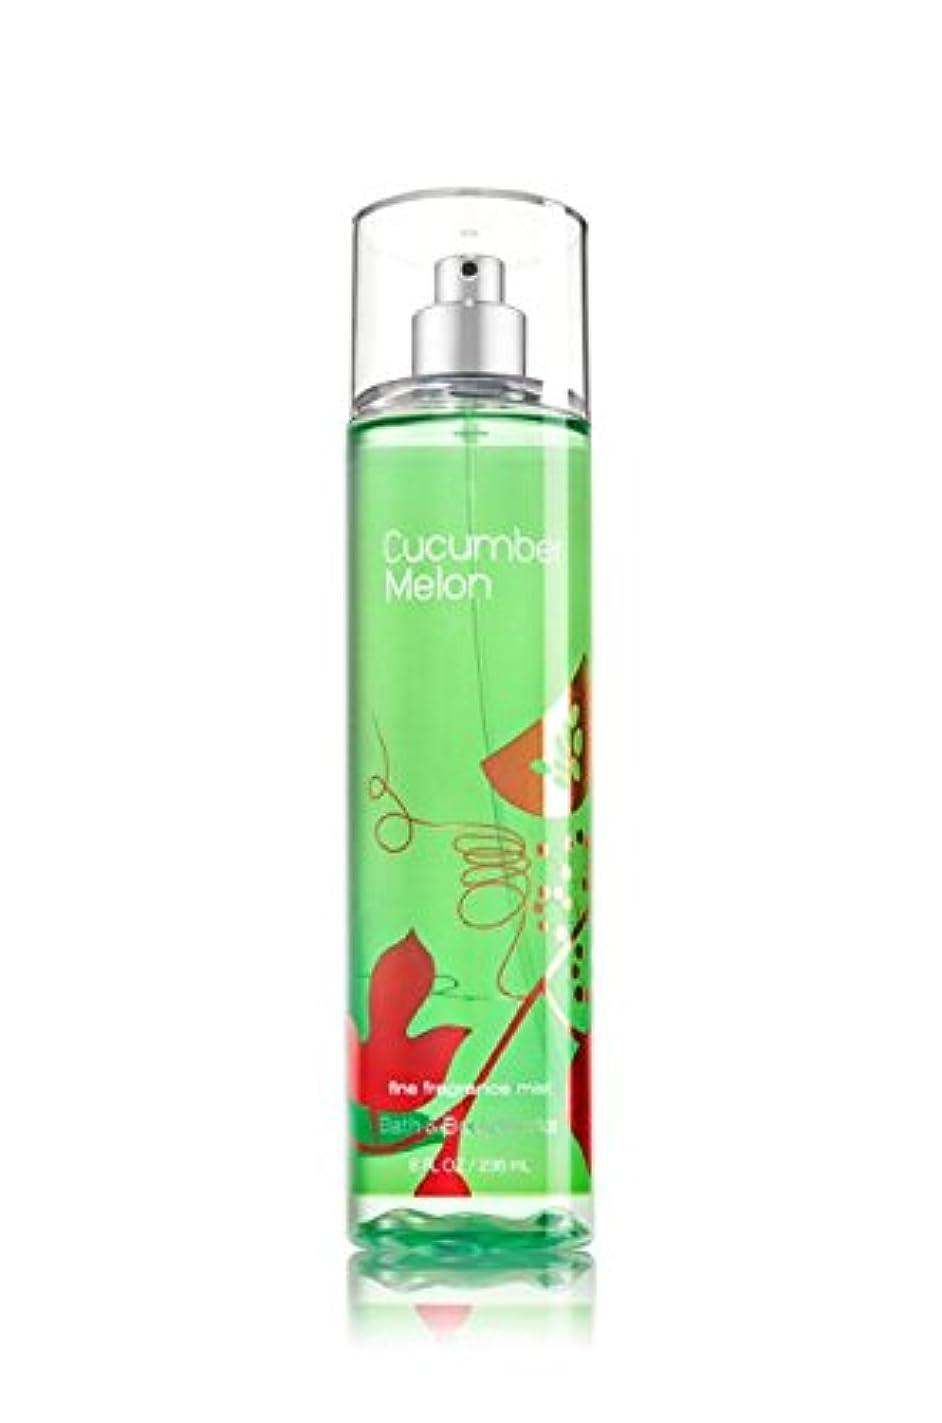 外交問題壊れたこどもの宮殿【Bath&Body Works/バス&ボディワークス】 ファインフレグランスミスト キューカンバーメロン Fine Fragrance Mist Cucumber Melon 8oz (236ml) [並行輸入品]